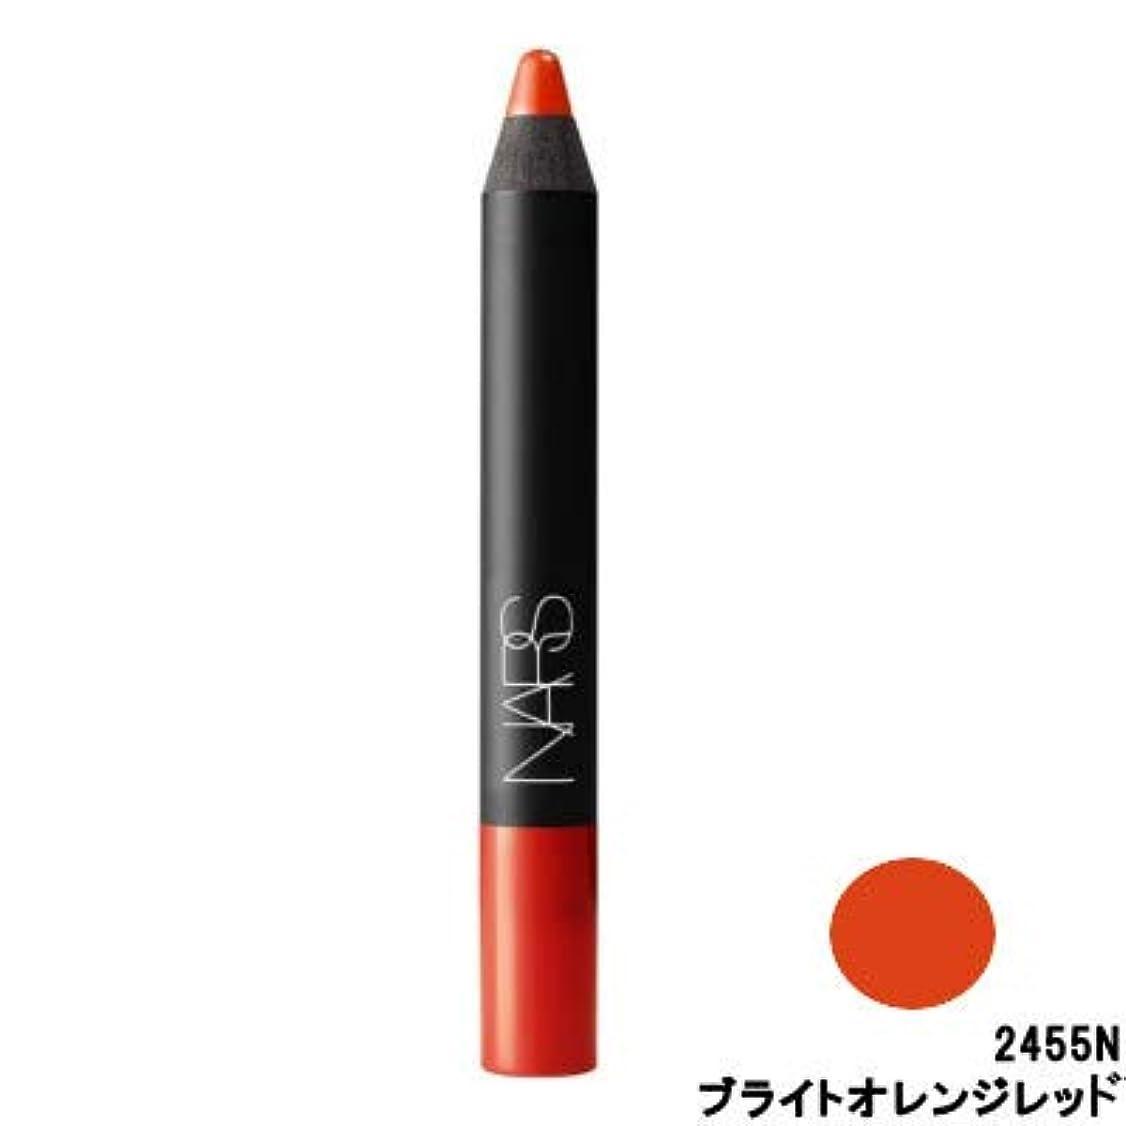 段階利点水平ナーズ ベルベット マット リップペンシル 2455 ブライト オレンジ レッド 2.4g [並行輸入品]